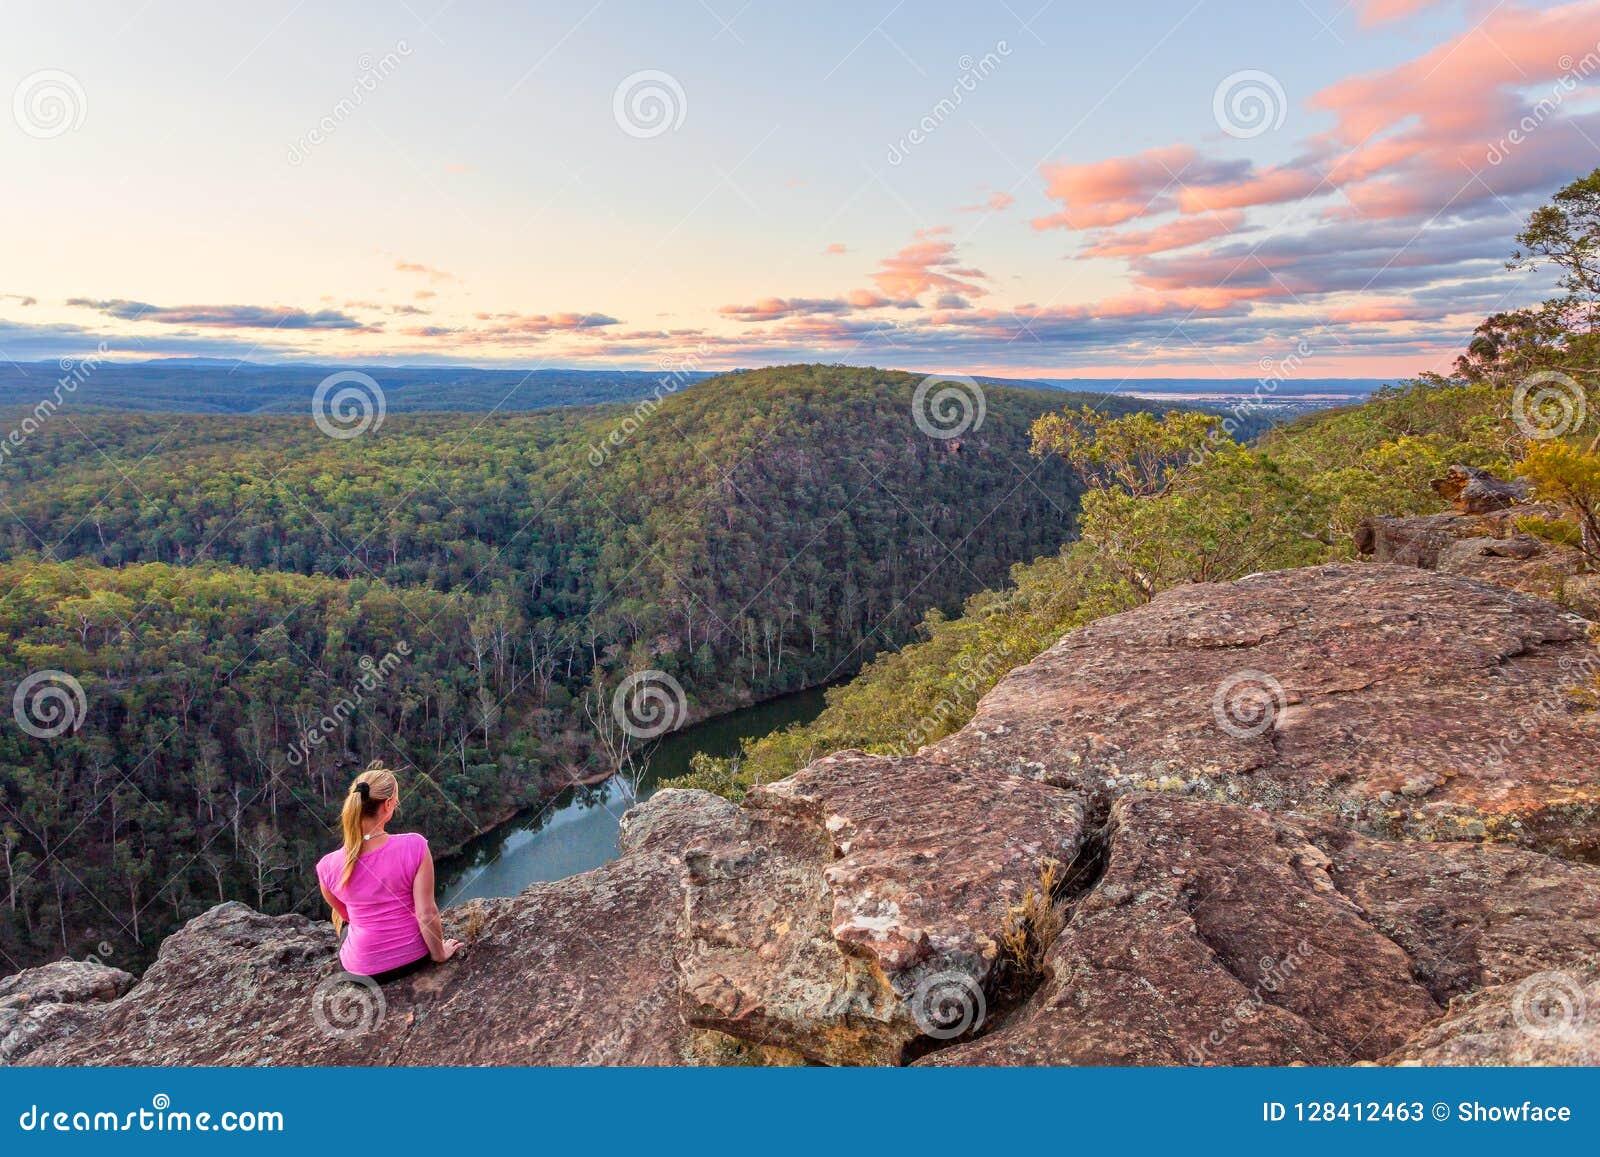 La hembra sienta la roca con opiniones sobre el río de Nepean y las montañas azules